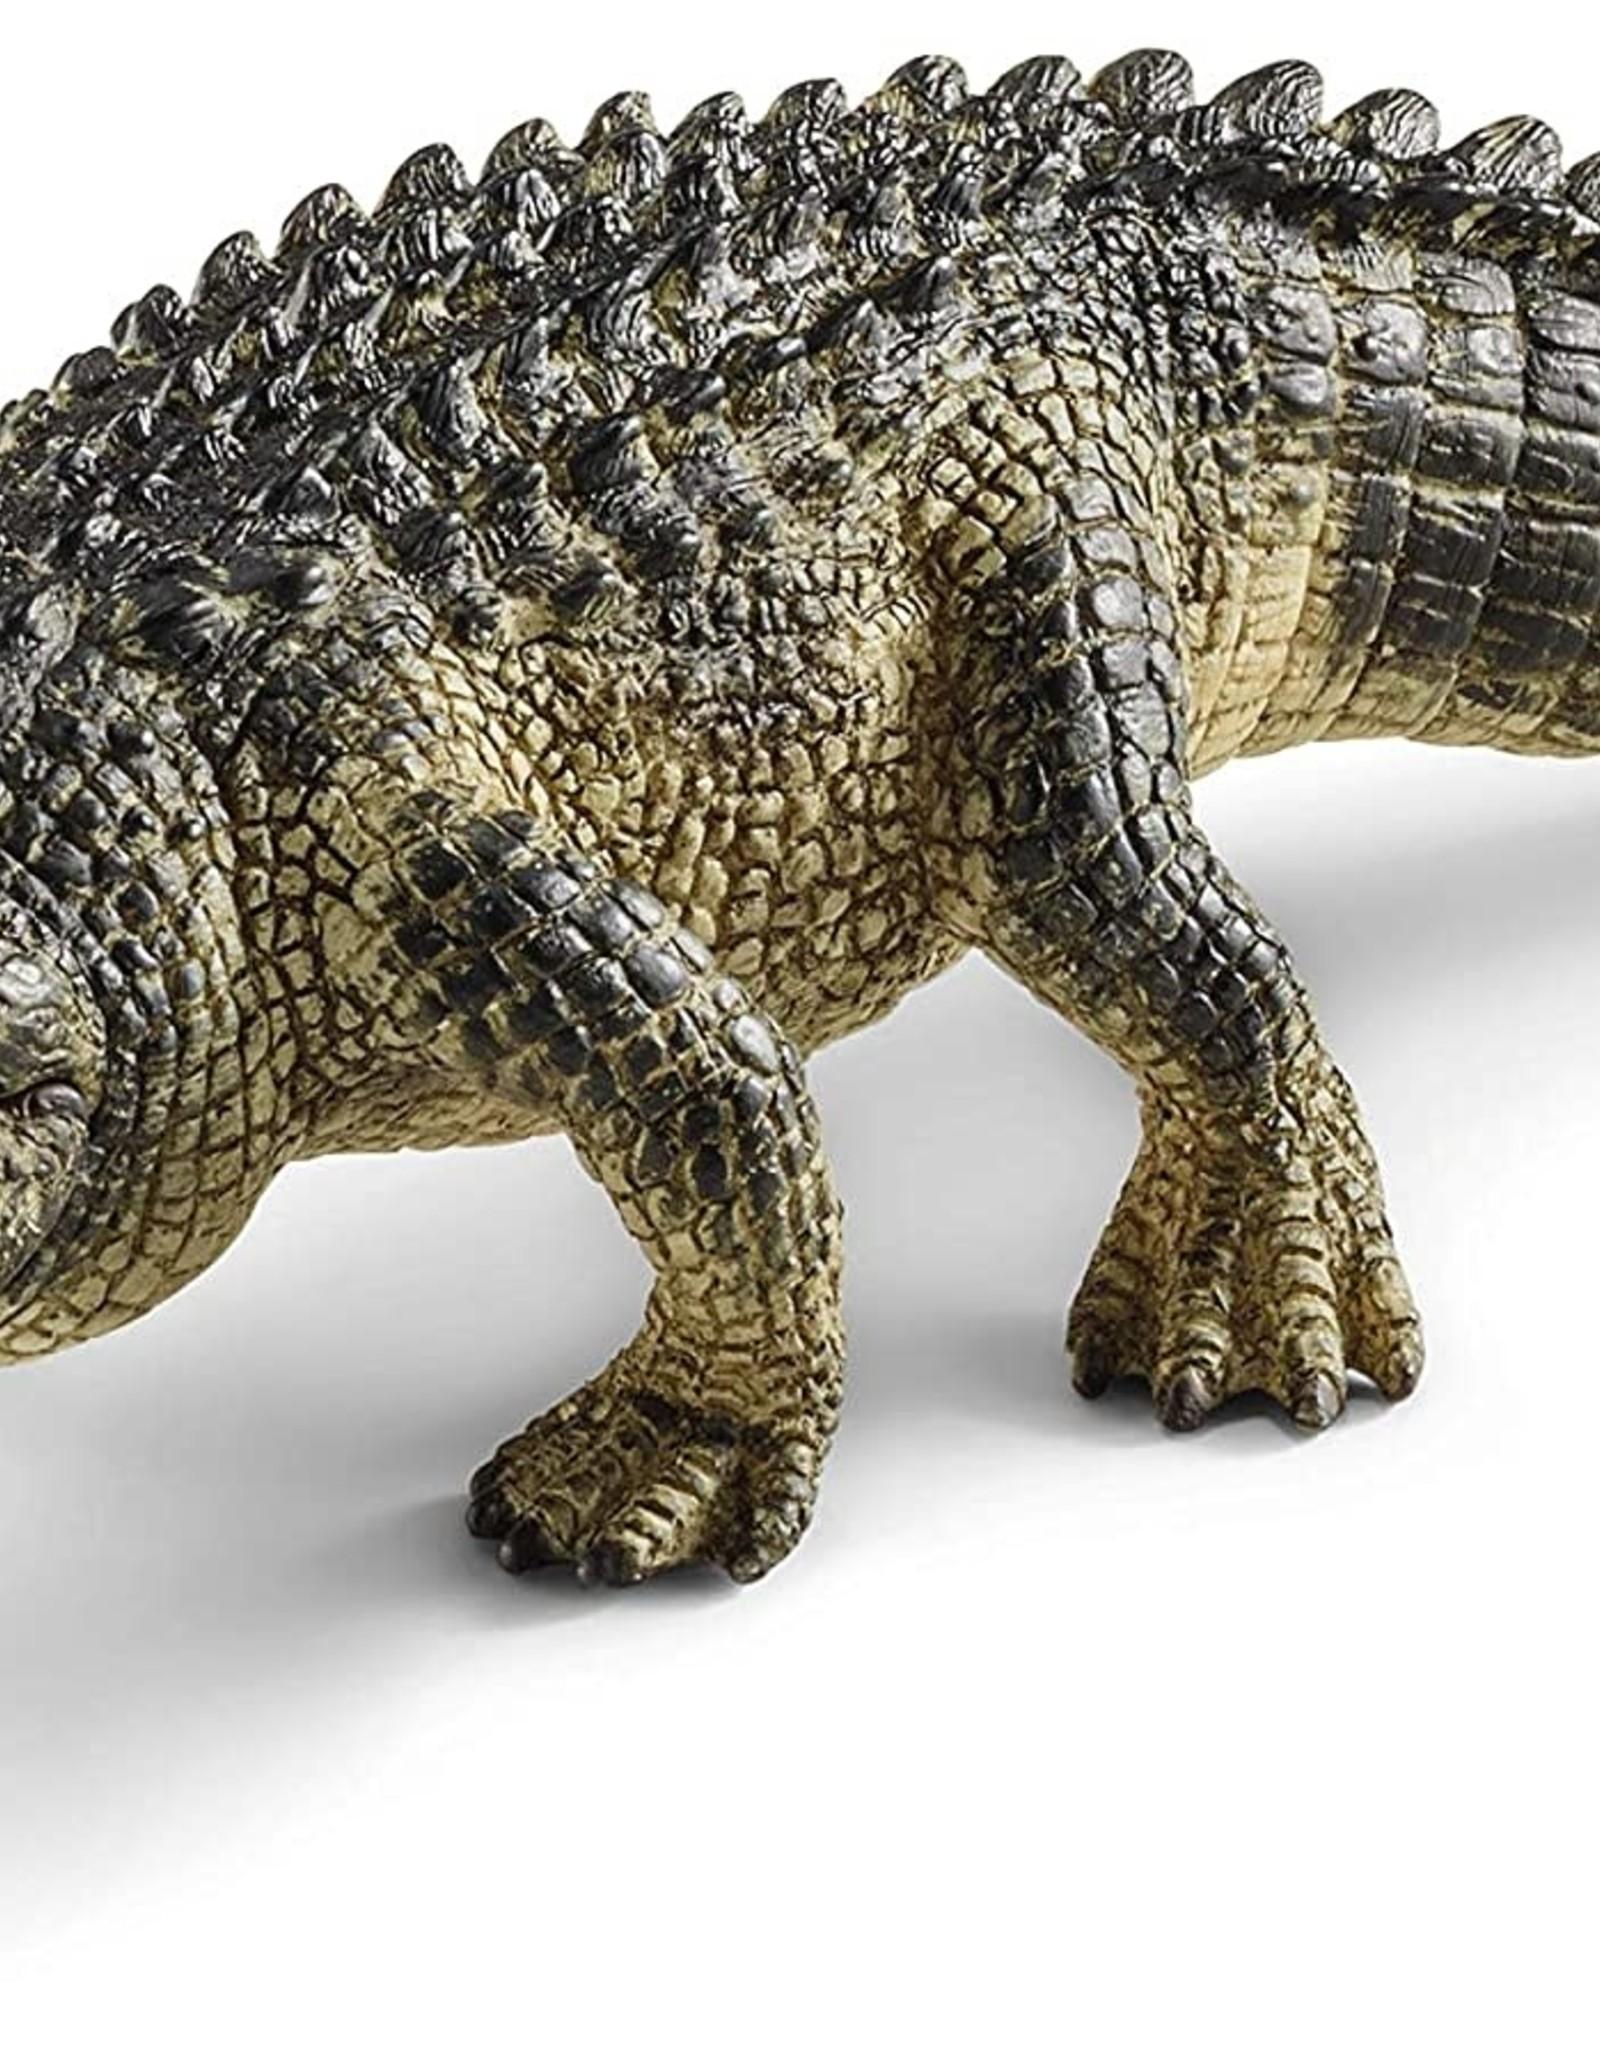 Schleich Schleich Wild Life - Alligator